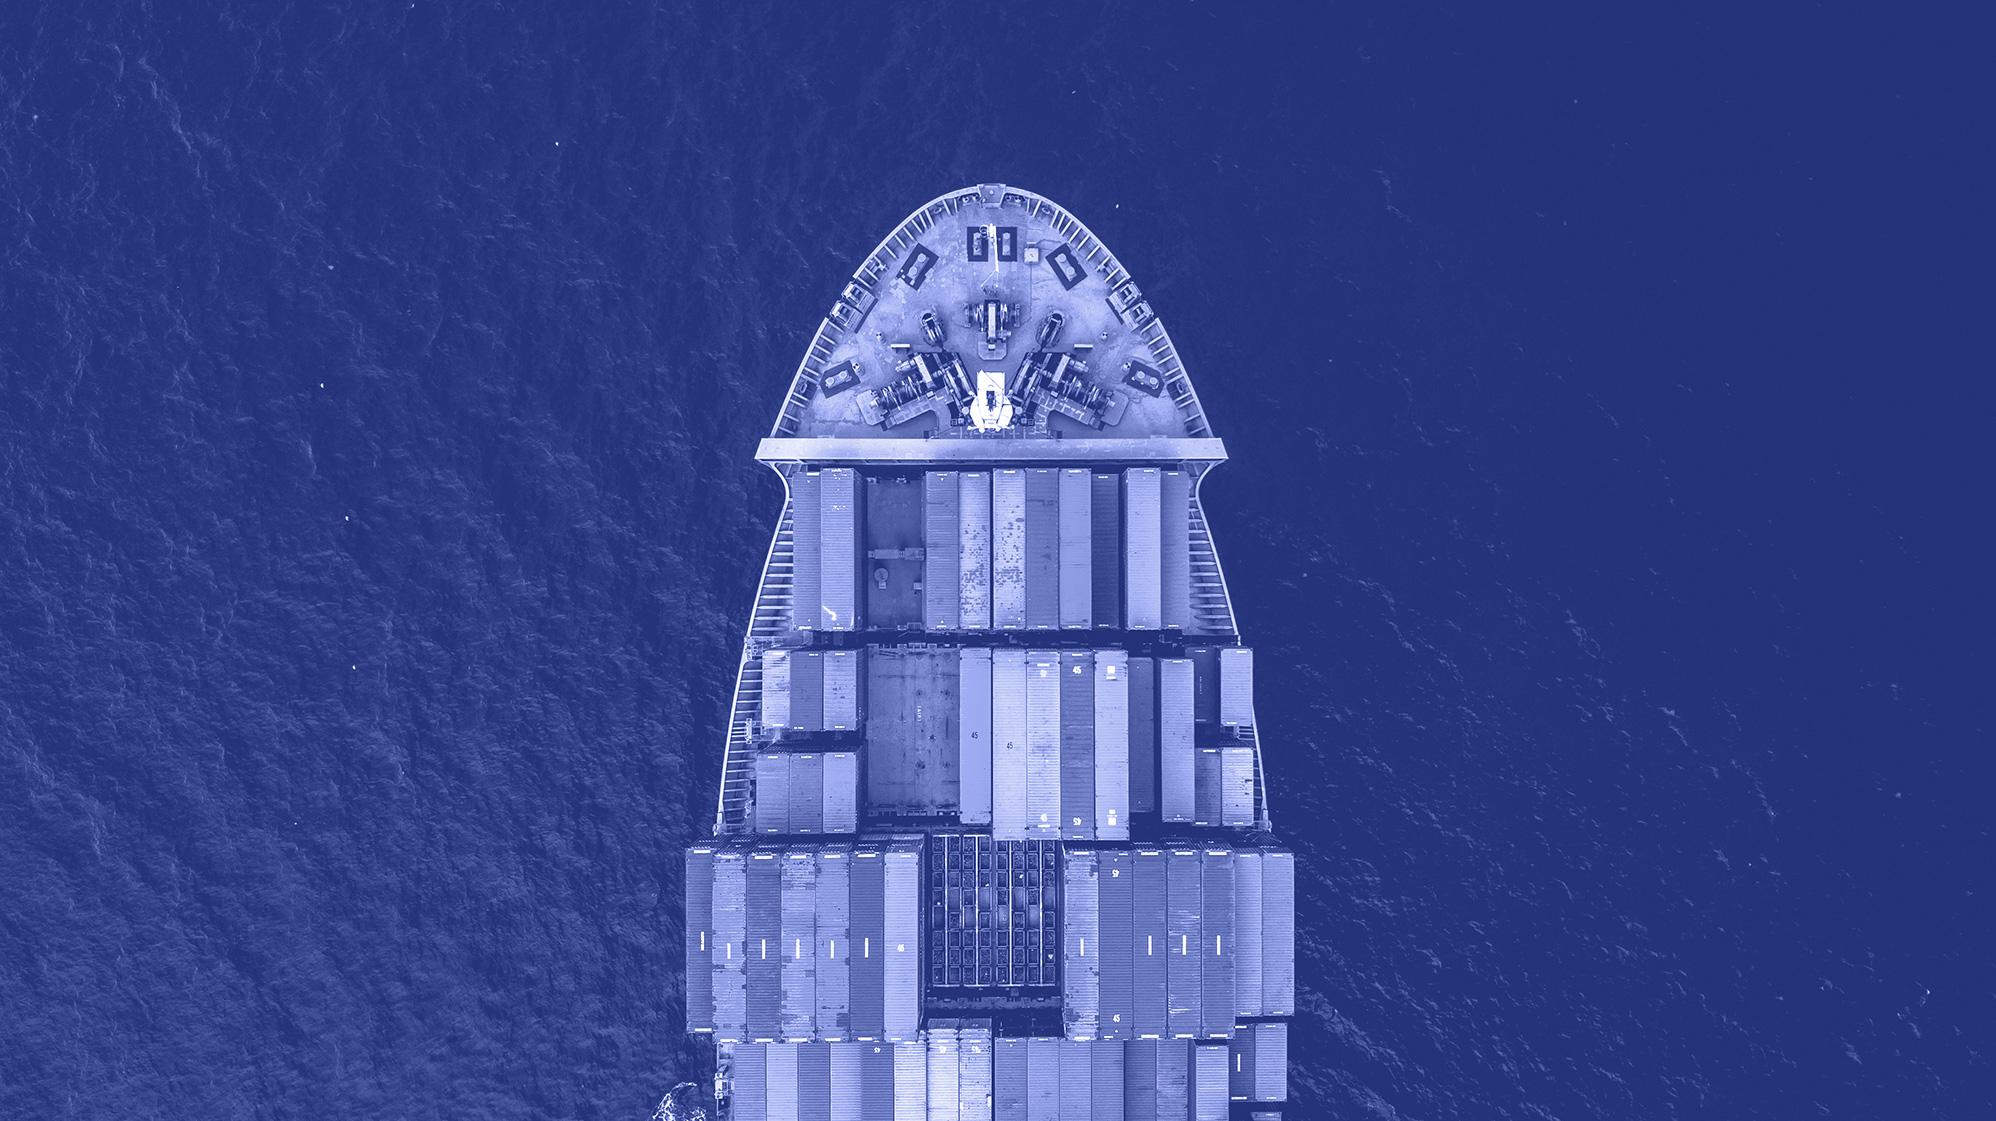 autepra-container-ship.jpg